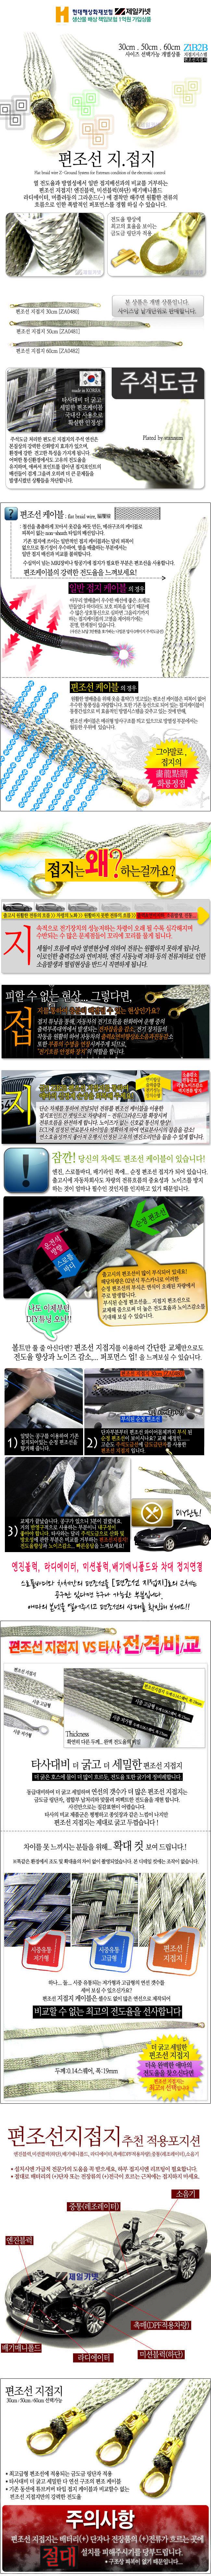 마이너스접지, 자동차용품,[ZiB2B] 편조선 지접지 3P세트(30/50/60cm)(머플러접지.엔진접지.라디에타접지